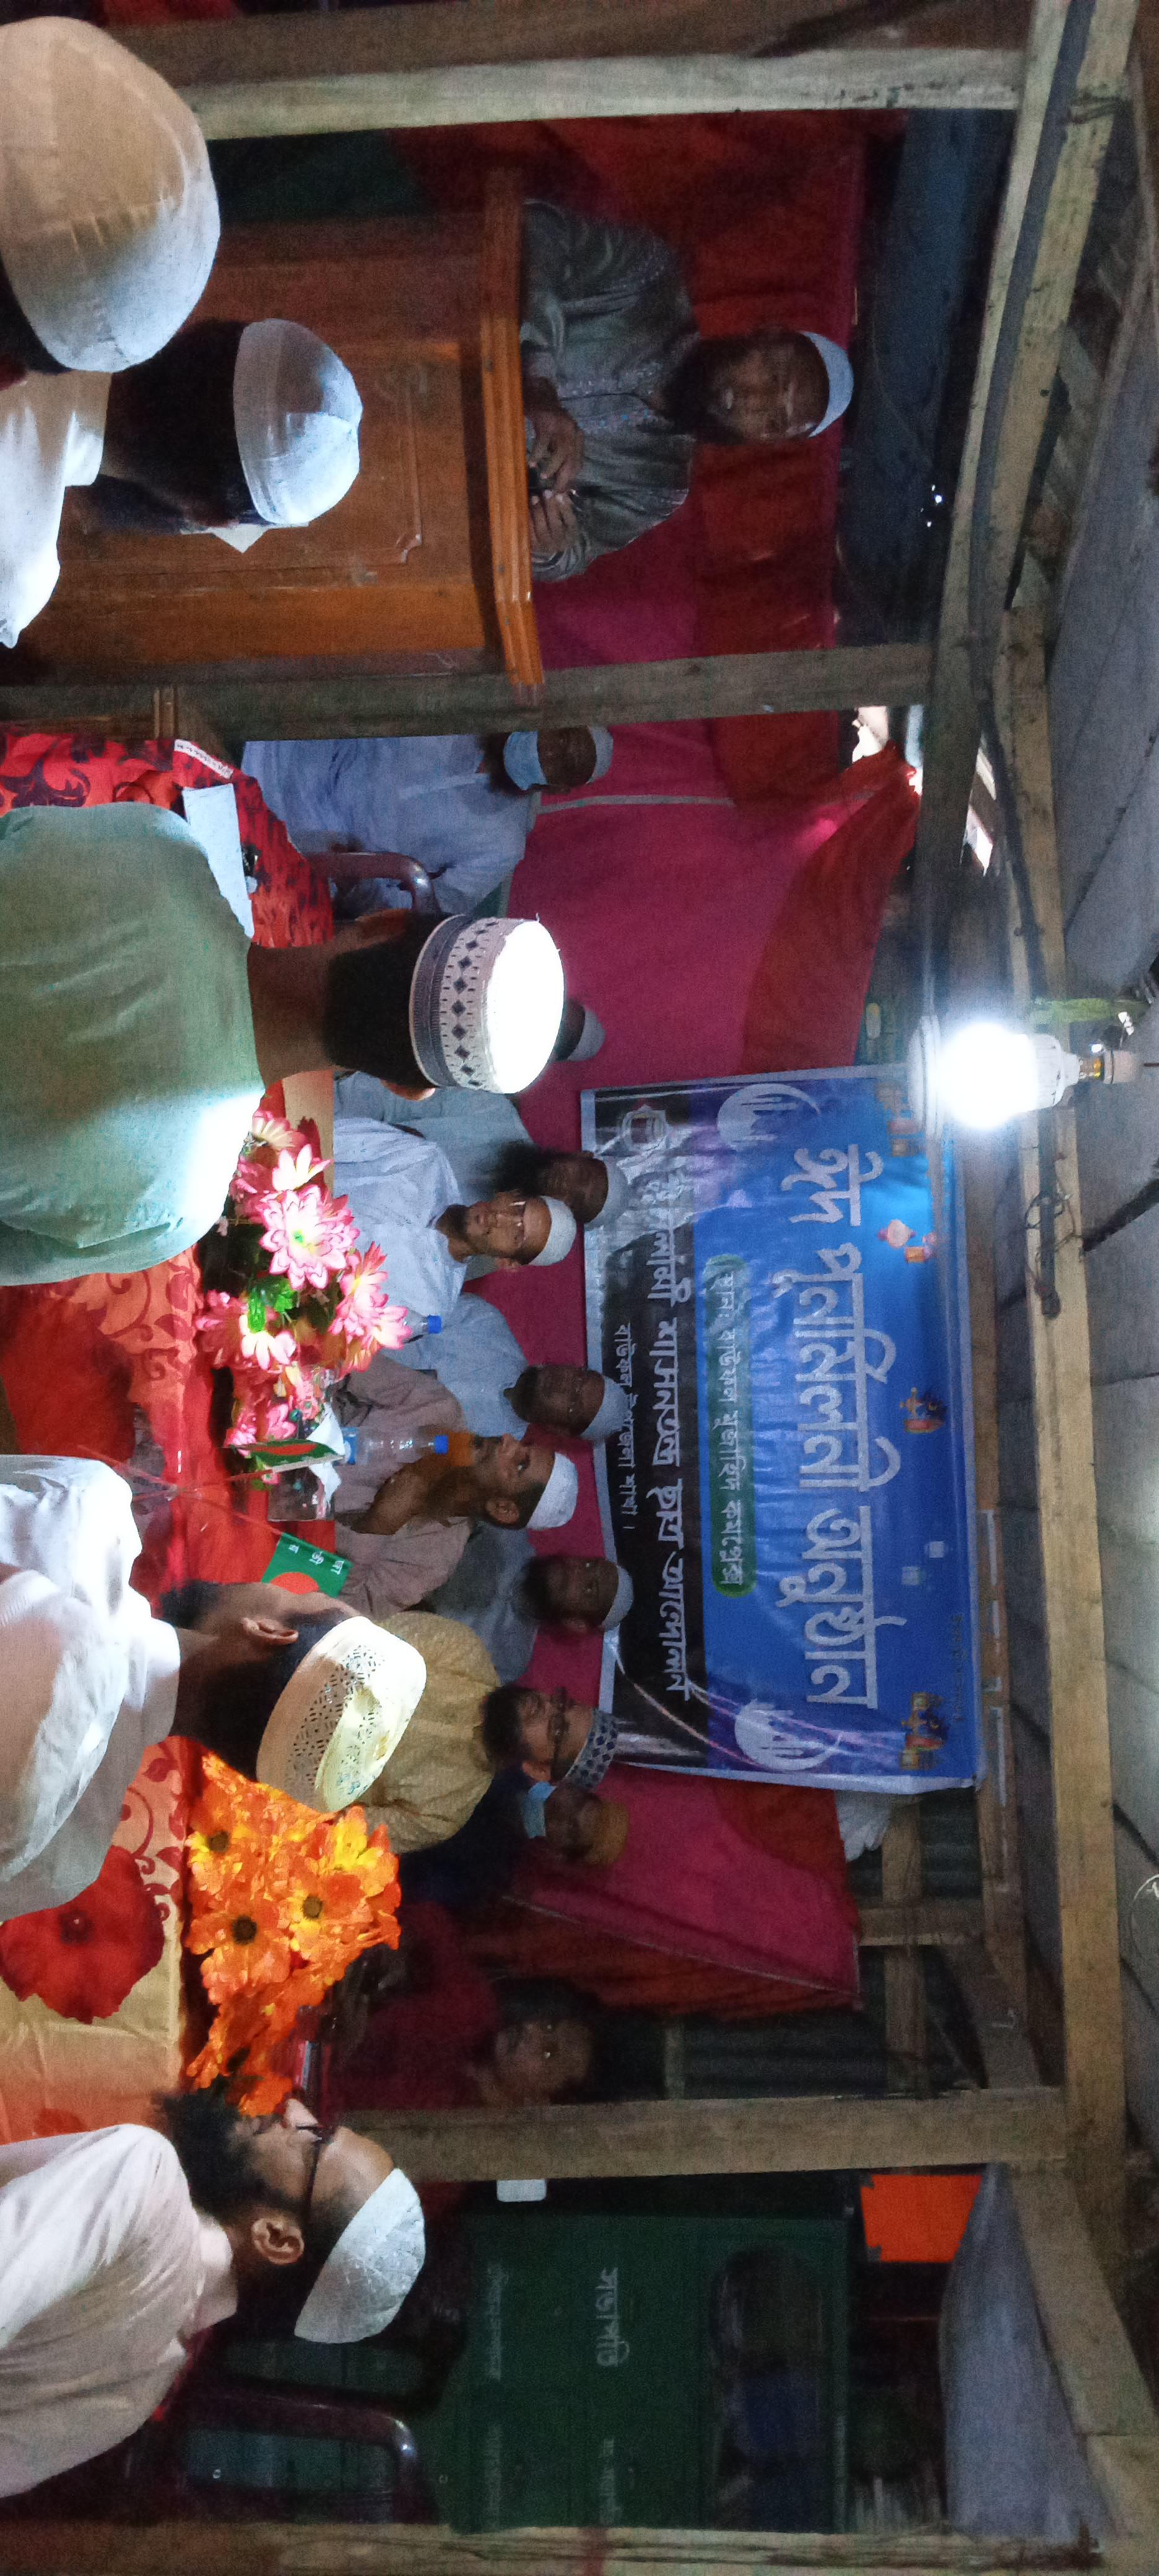 বাউফলে ইশা ছাত্র আন্দোলনের ঈদ পুনর্মিলনী  অনুষ্ঠিত